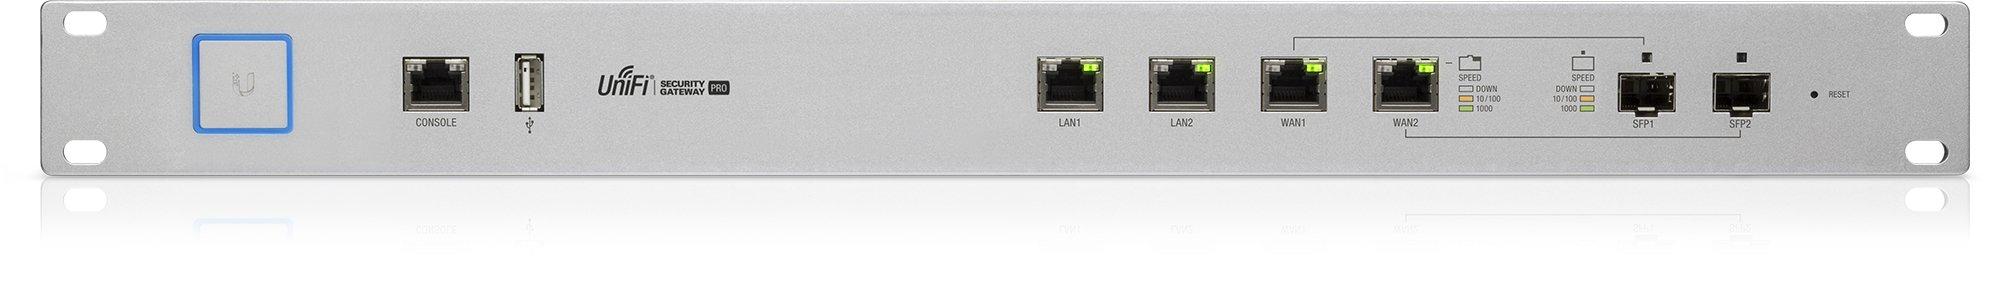 Unifi Security Gateway Pro 4-Port 5 Rack mount design Convenient VLAN support Form Factor: Rack-mountable